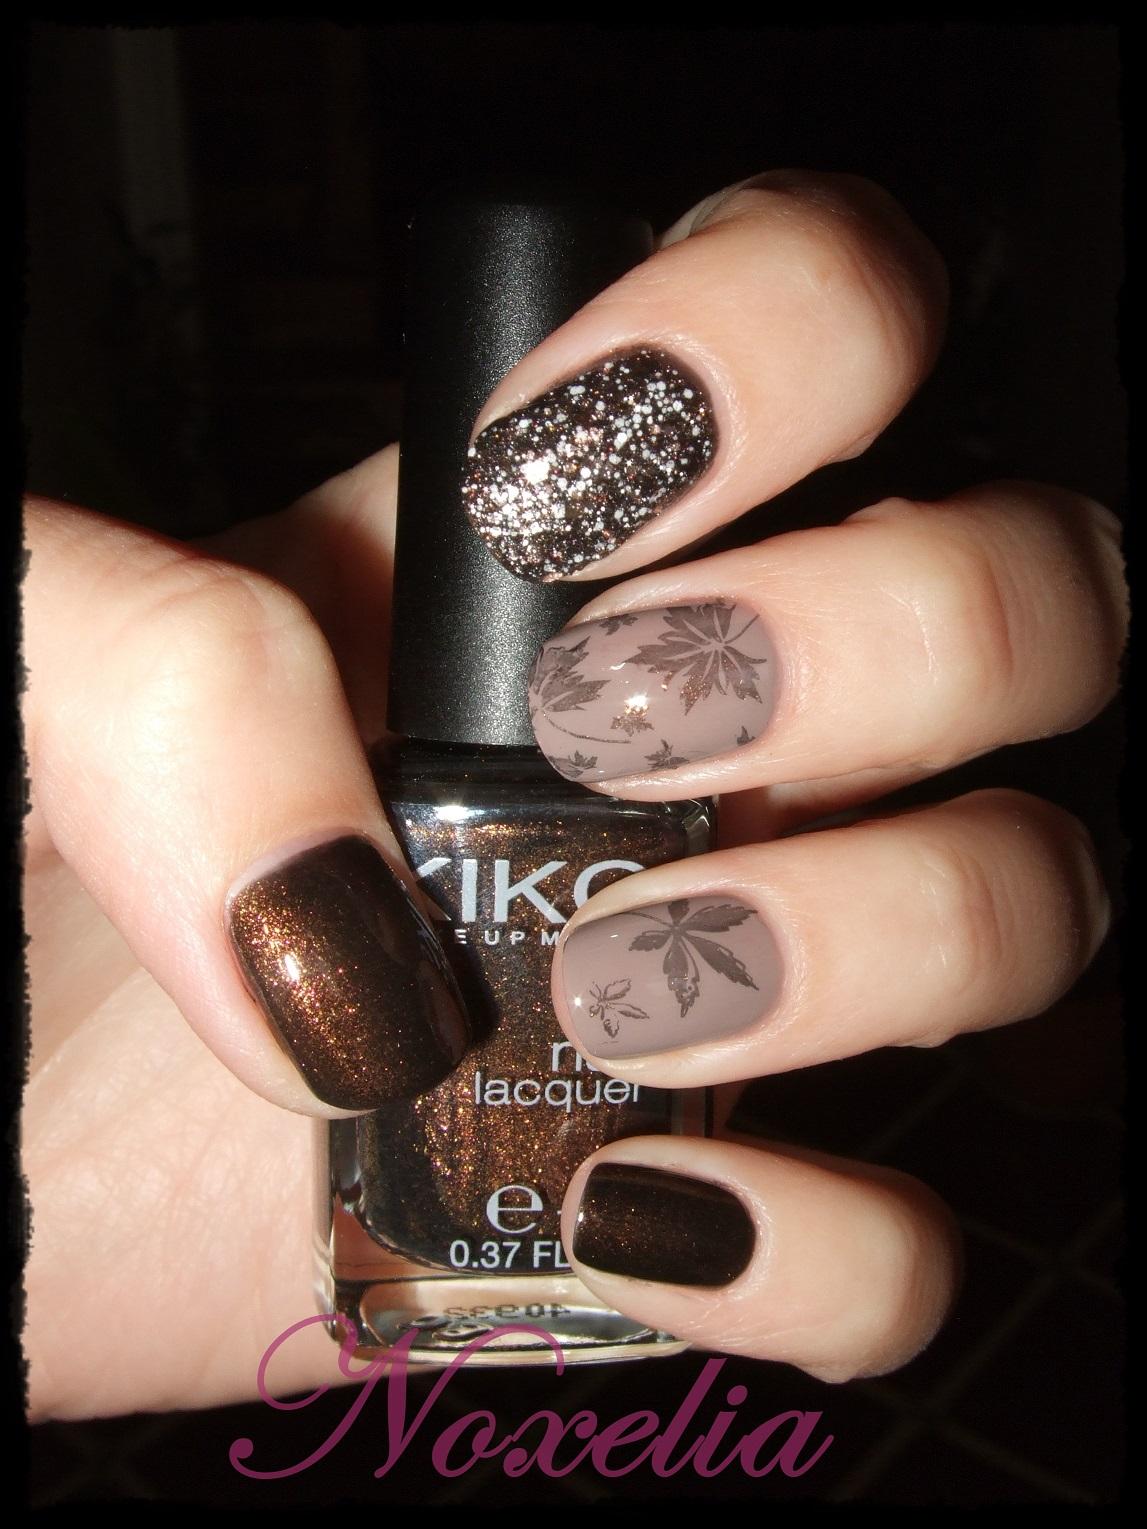 Noxelia: Stamping nail art: Look de uñas Nº 280. Reto Colores Marrón